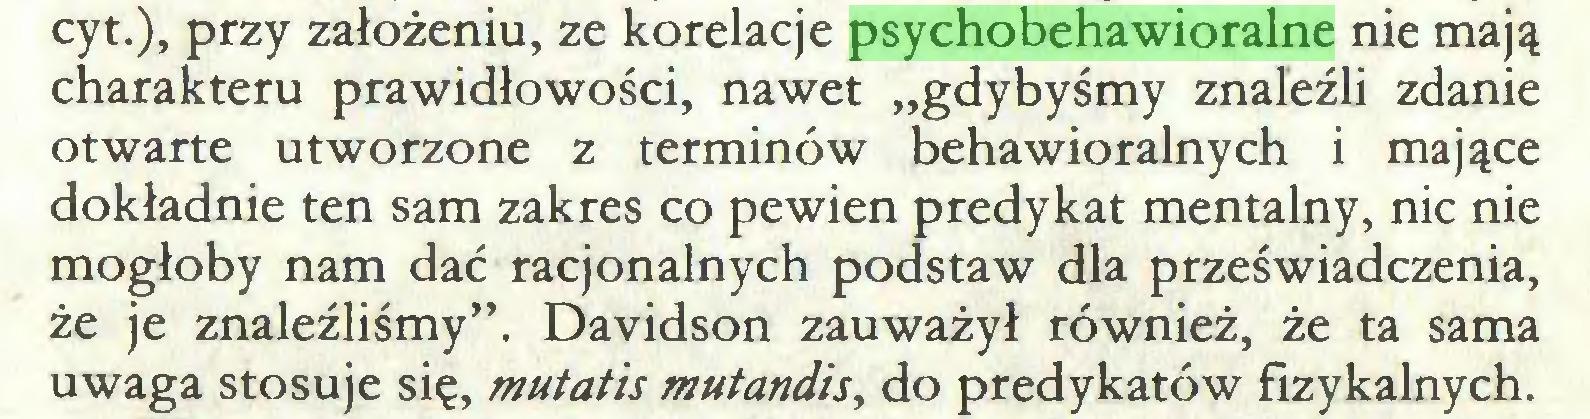 """(...) cyt.), przy założeniu, ze korelacje psychobehawioralne nie mają charakteru prawidłowości, nawet """"gdybyśmy znaleźli zdanie otwarte utworzone z terminów behawioralnych i mające dokładnie ten sam zakres co pewien predykat mentalny, nic nie mogłoby nam dać racjonalnych podstaw dla przeświadczenia, że je znaleźliśmy"""". Davidson zauważył również, że ta sama uwaga stosuje się, mutatis mutandis, do predykatów fizykalnych..."""